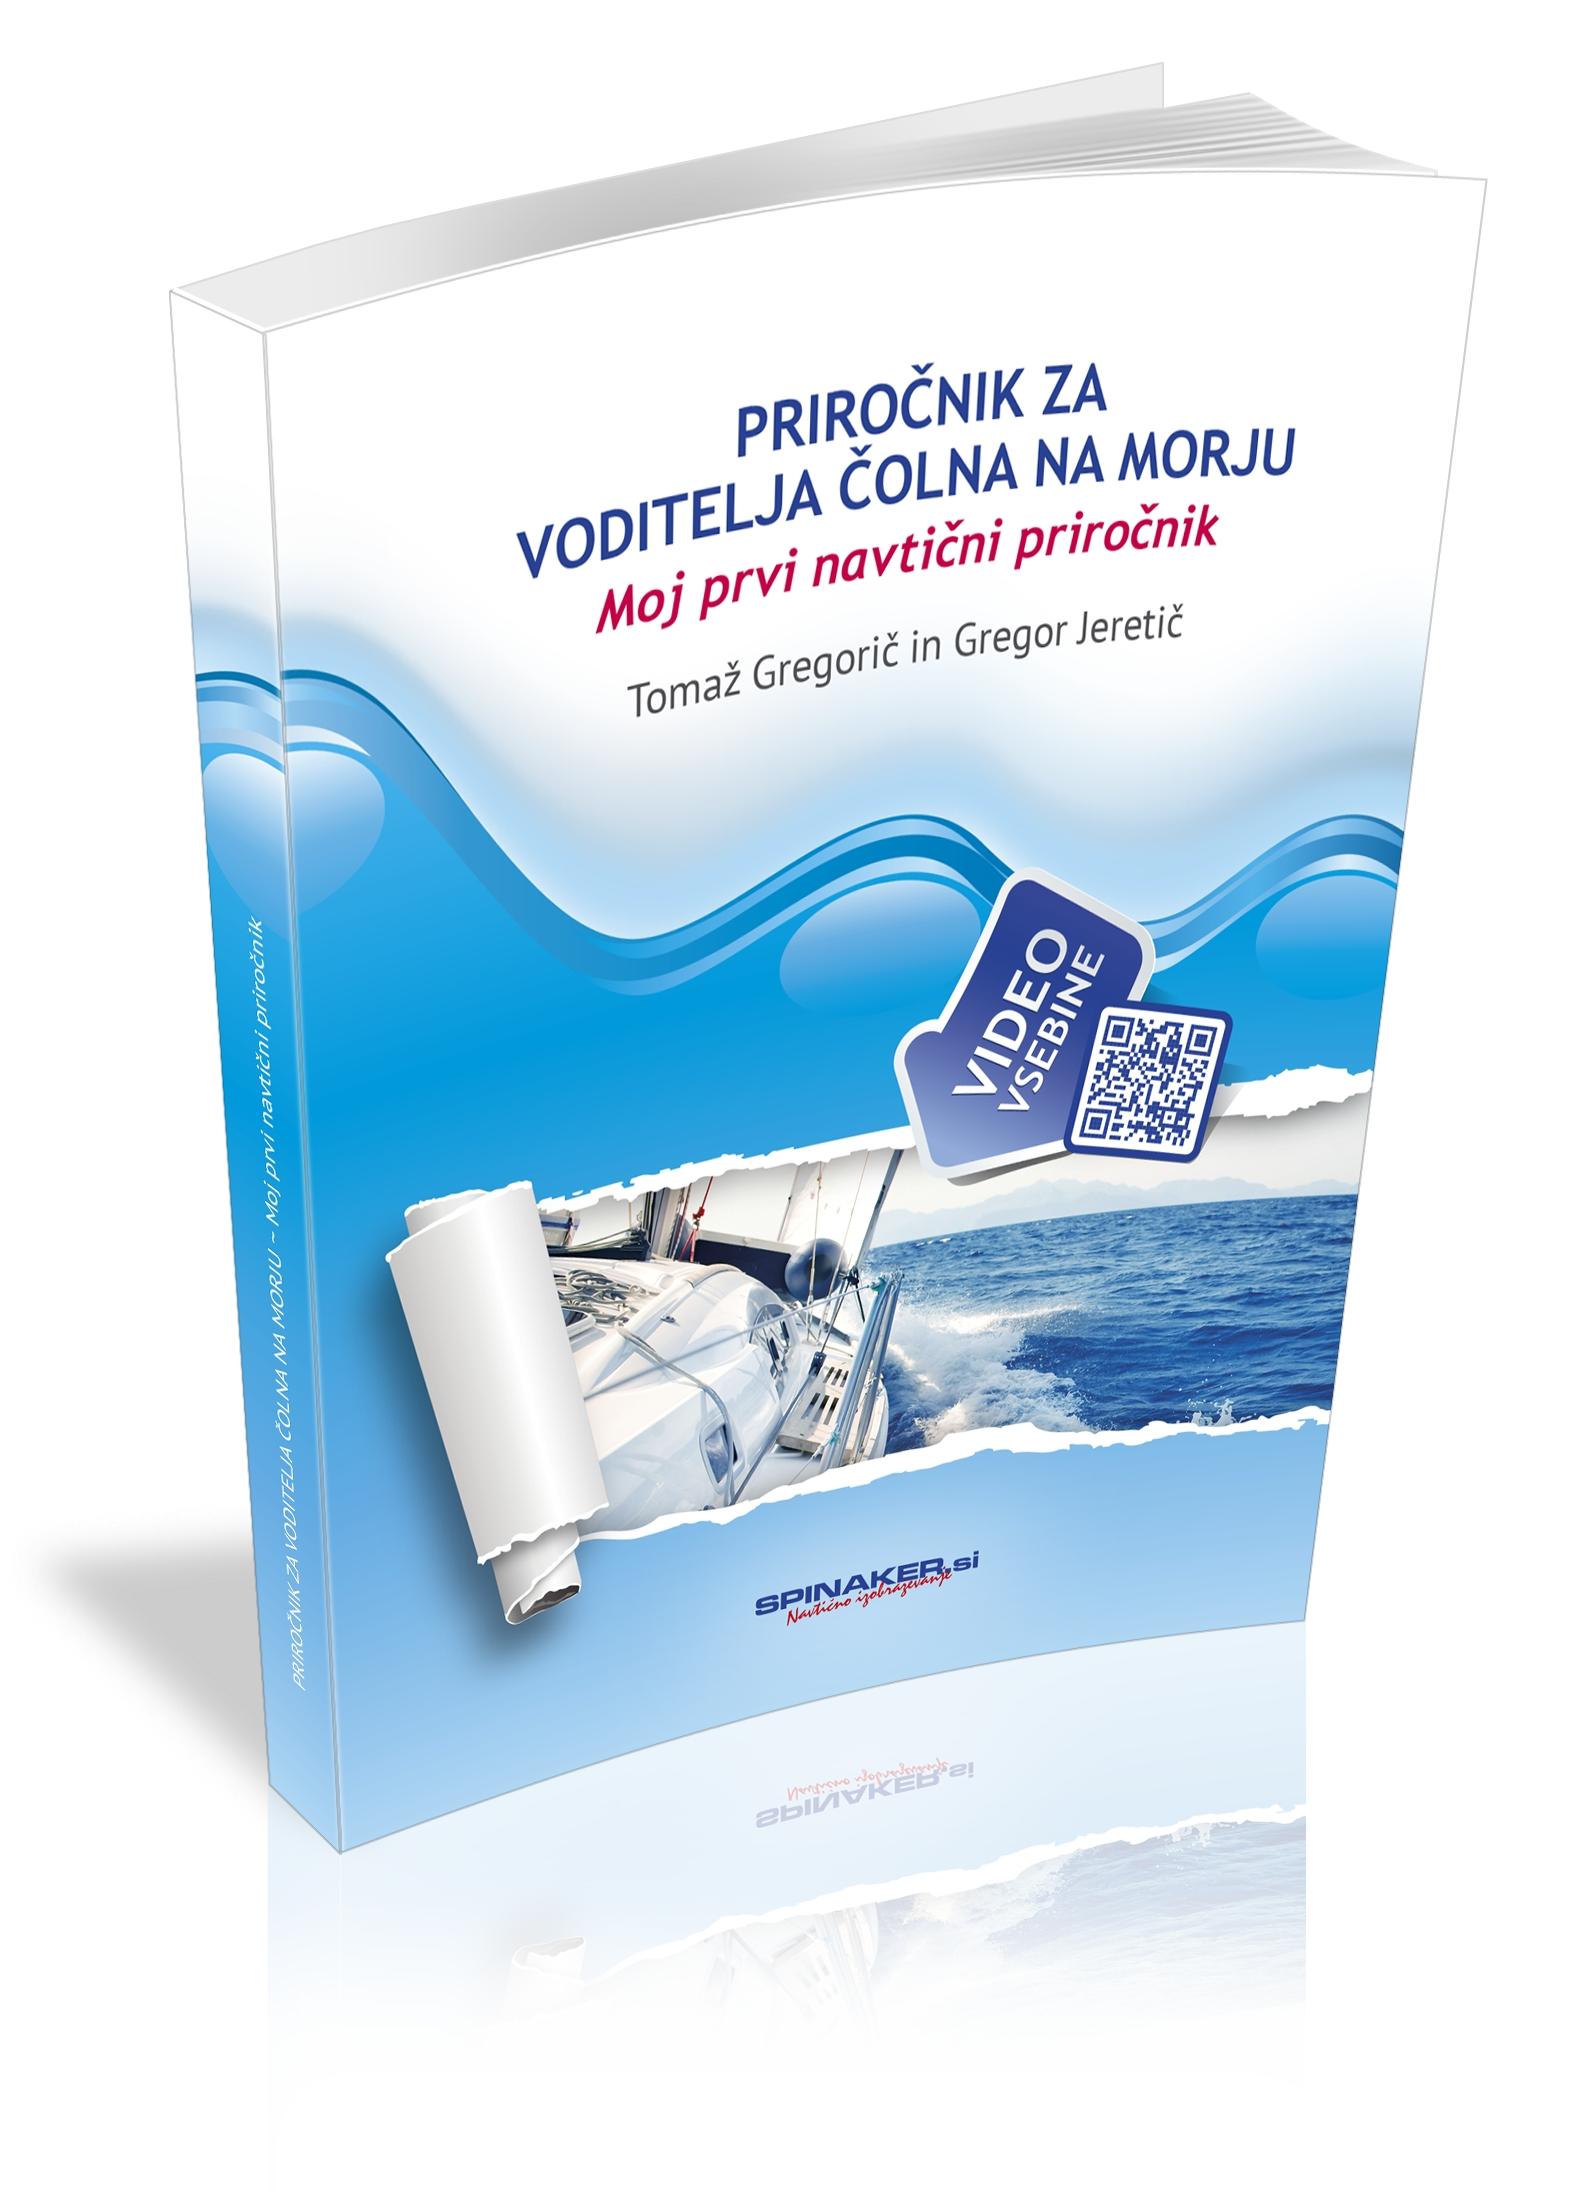 Priročnik za voditelja čolna na morju